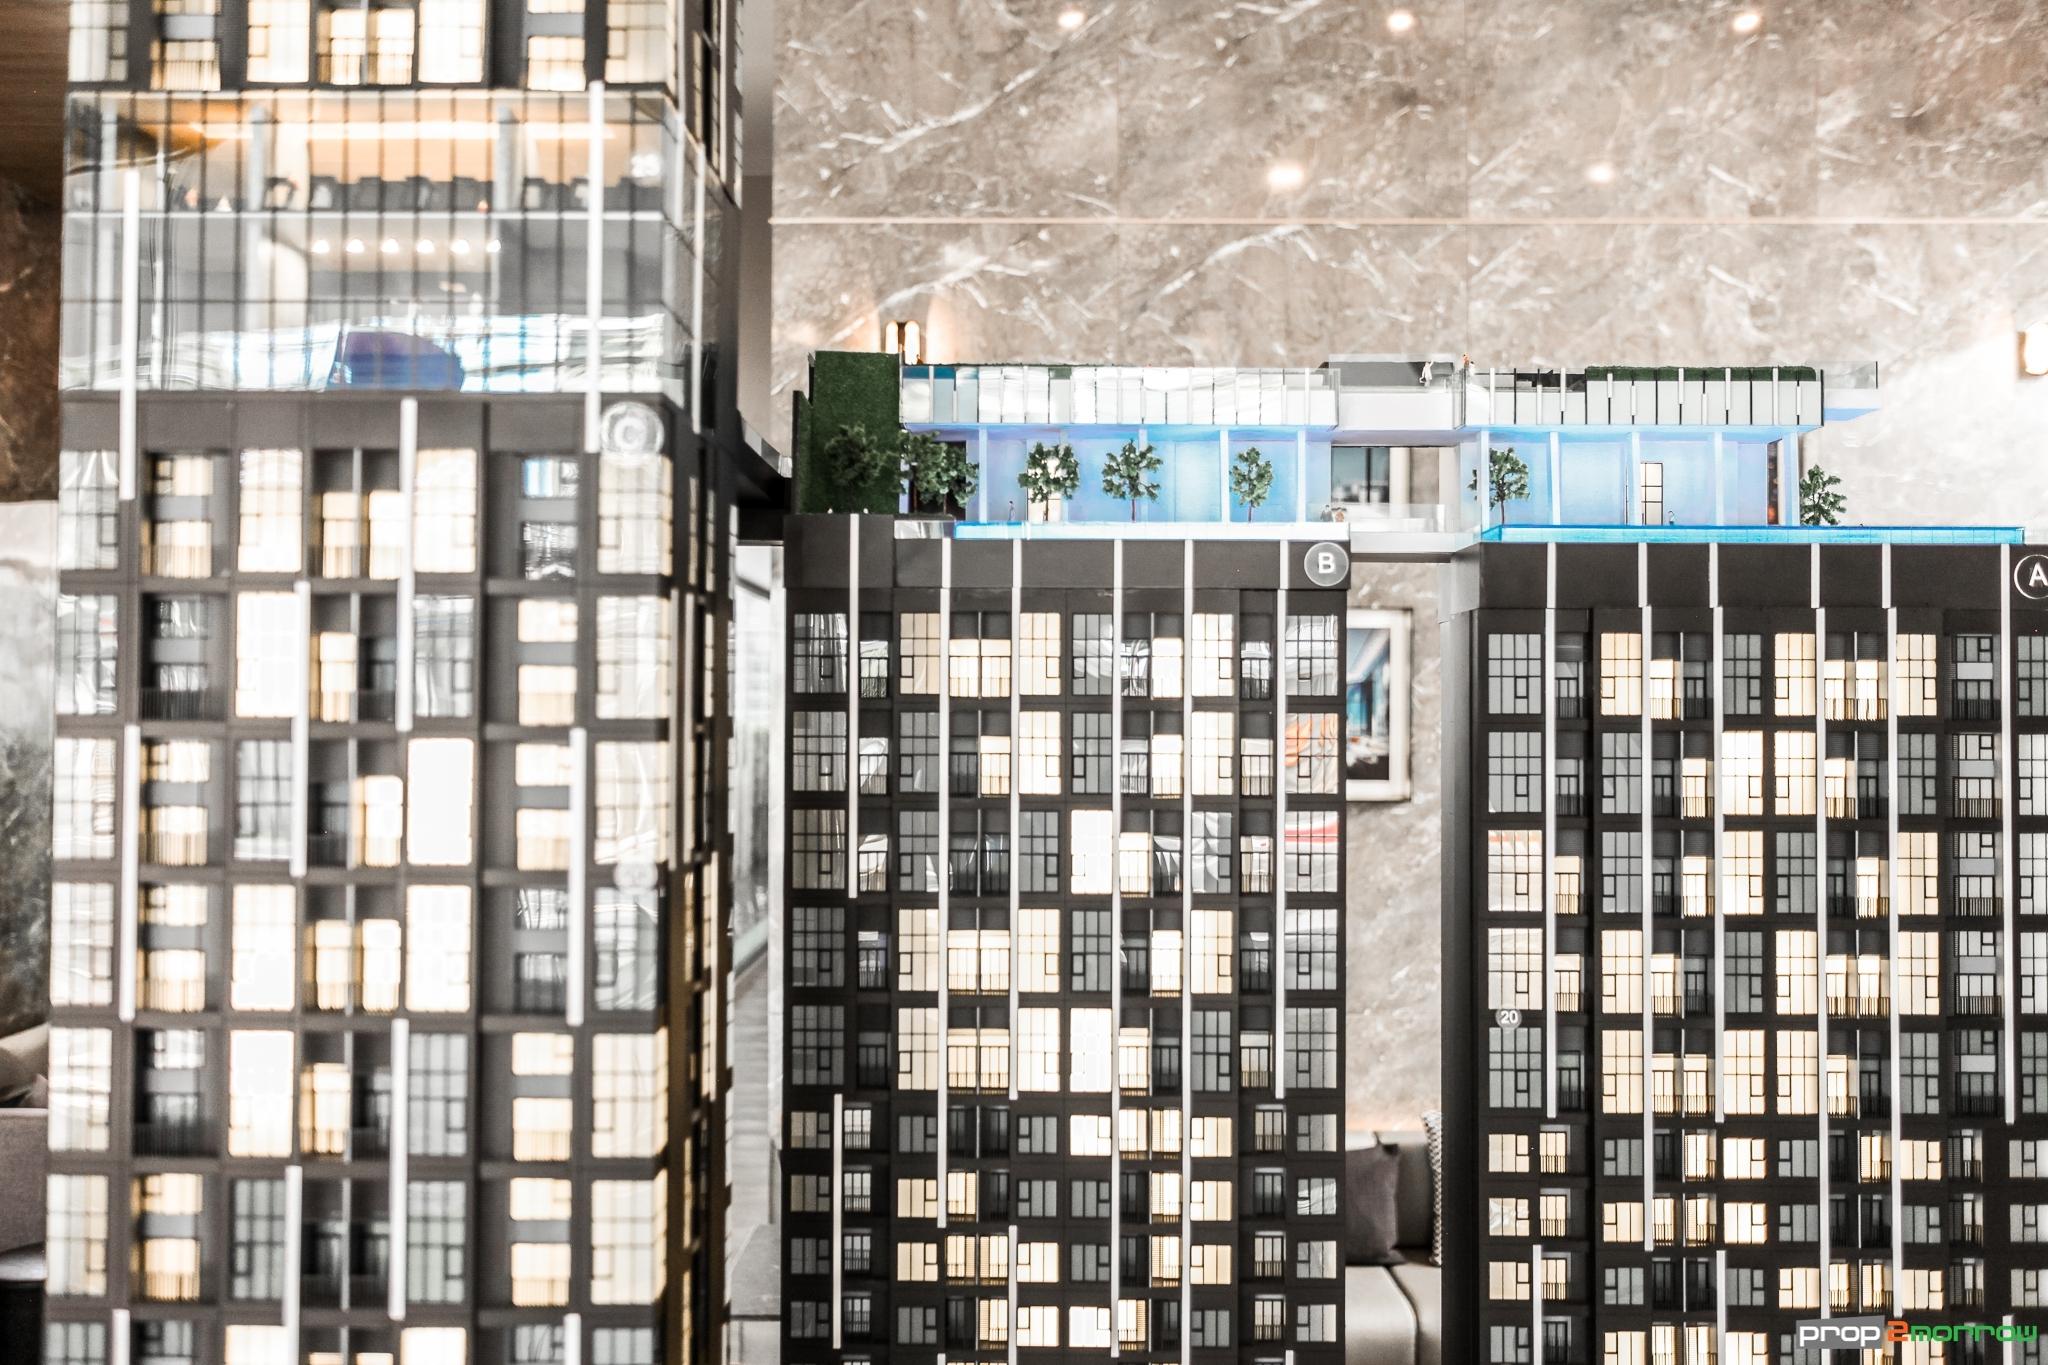 ใช้ชีวิตให้เหนือเมฆ Modiz Sukhumvit 50 | Prop2Morrow บ้าน คอนโด ข่าวอสังหาฯ